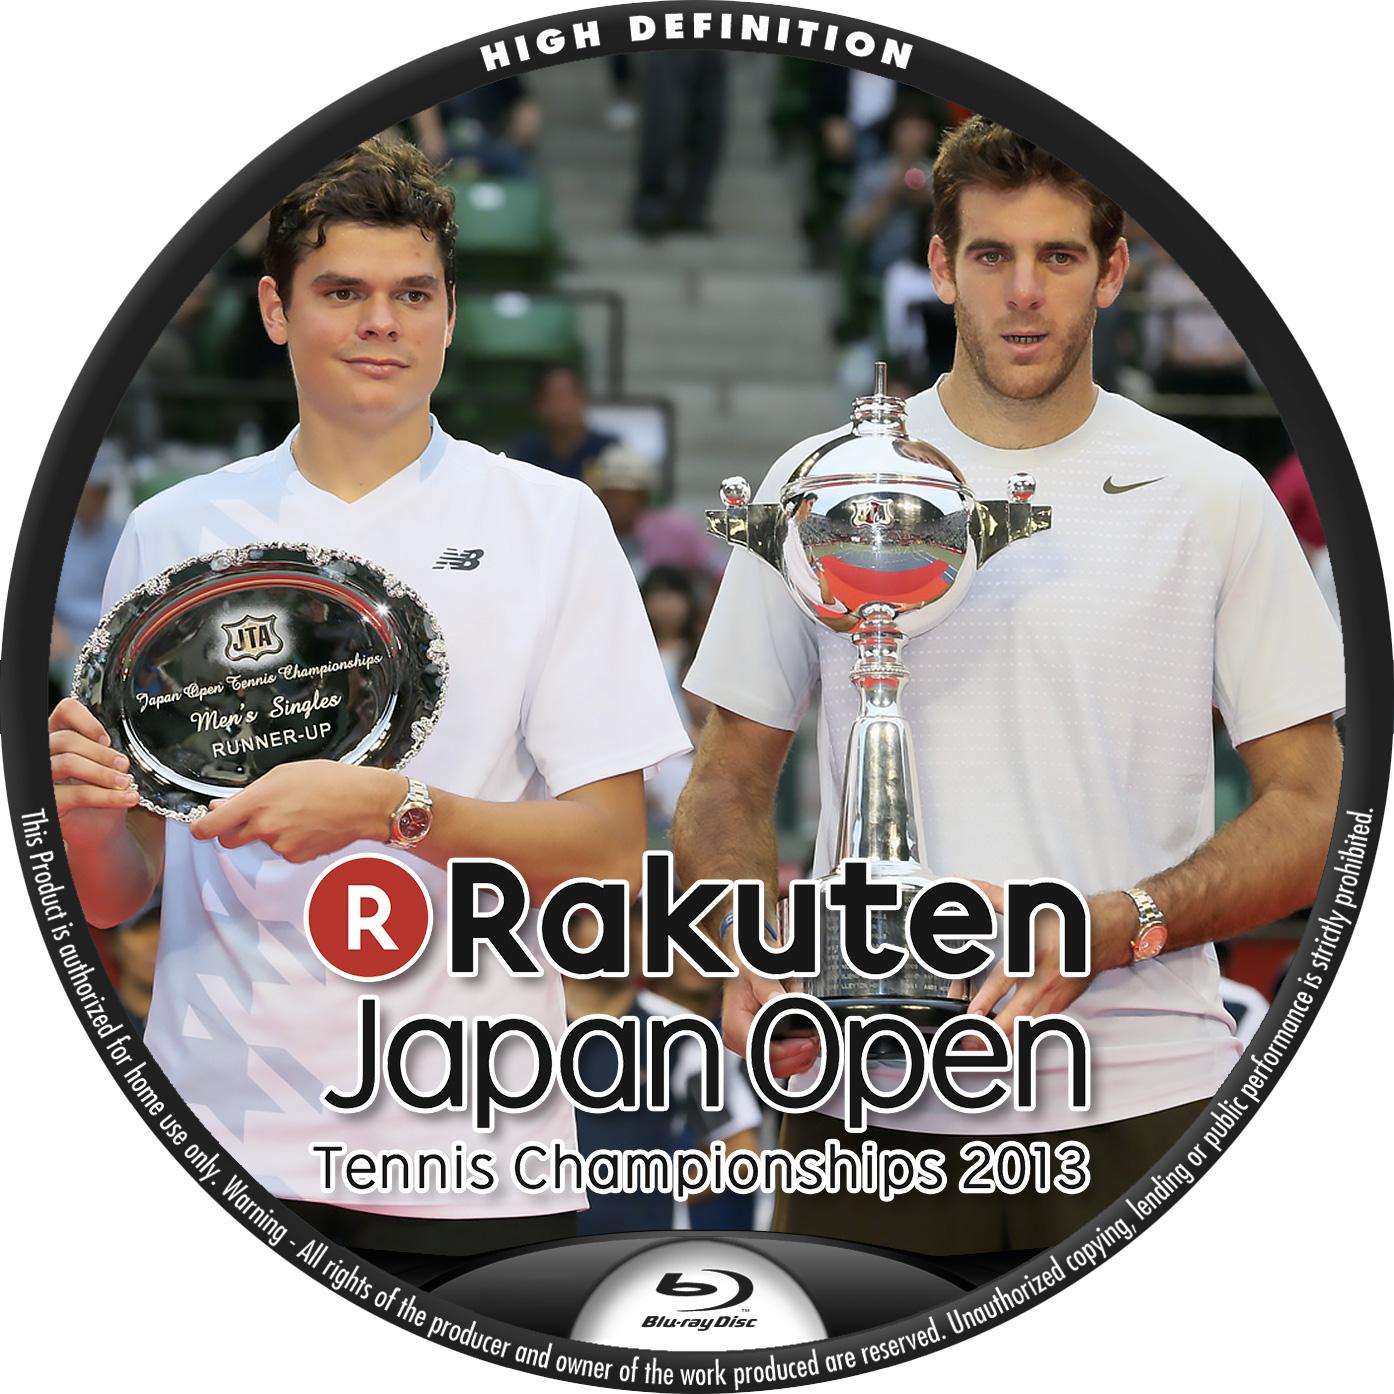 楽天オープン 2013 DVDラベル